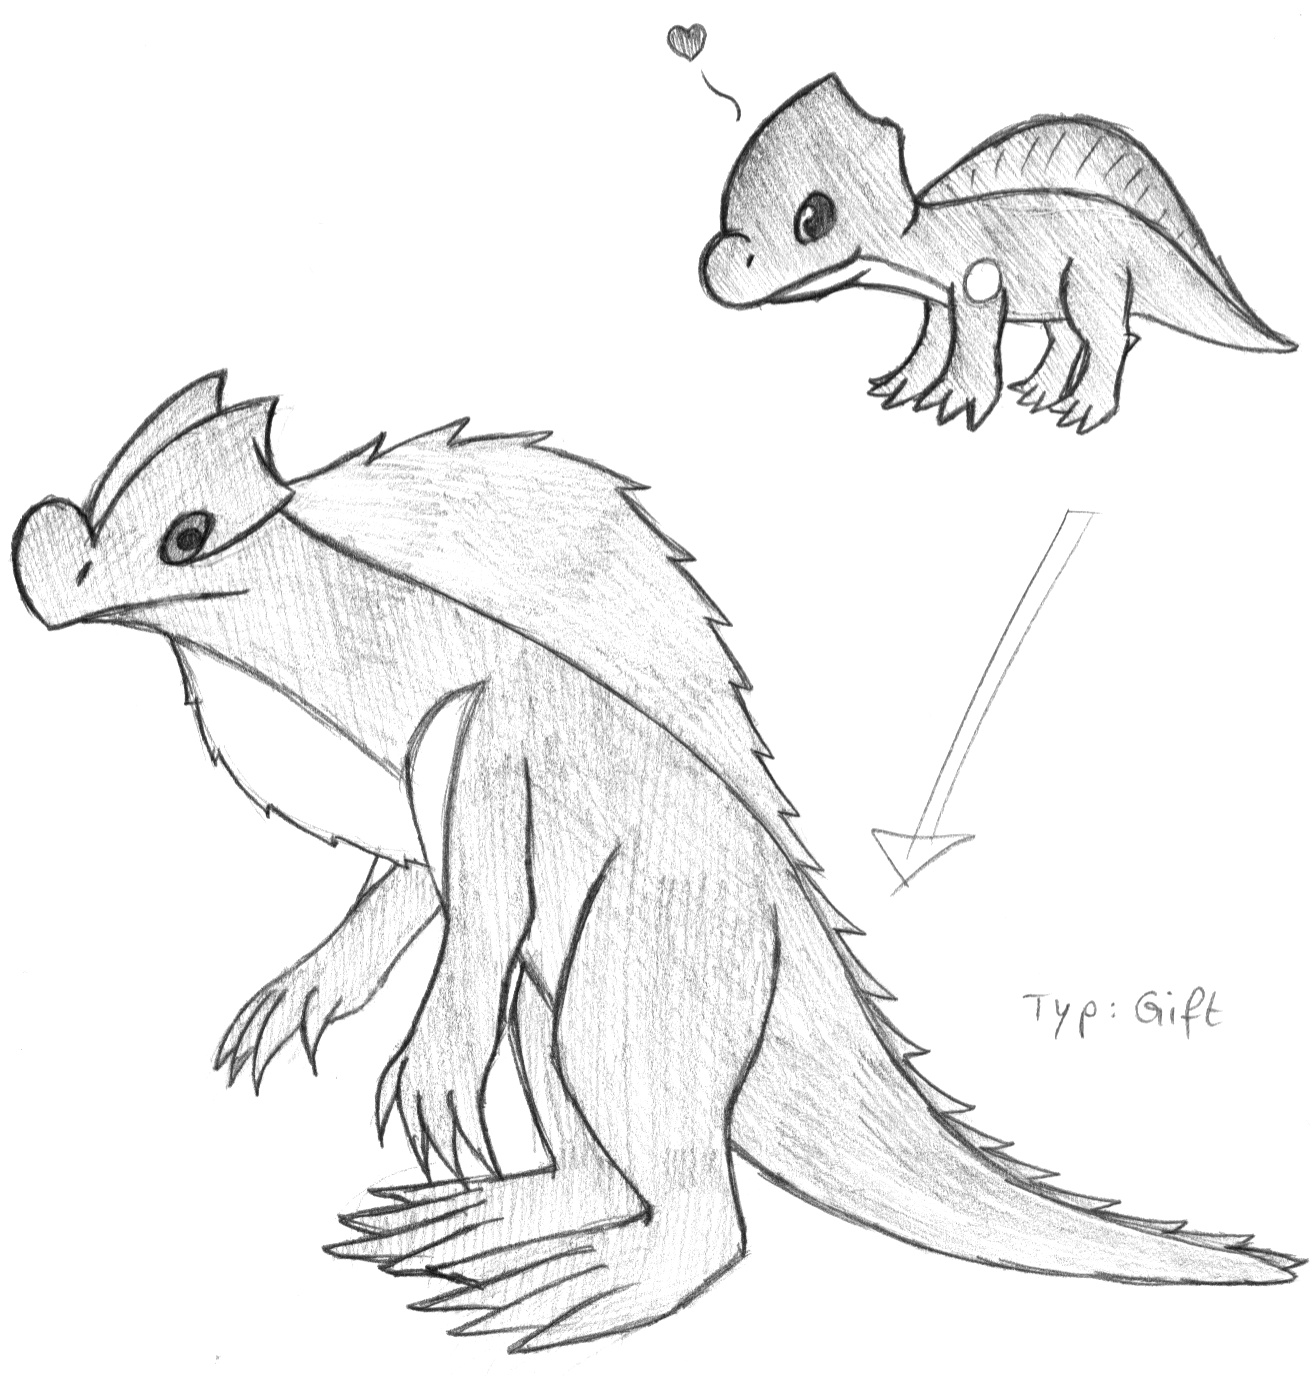 Pokémon-Zeichnung: Echsen-Pokemon